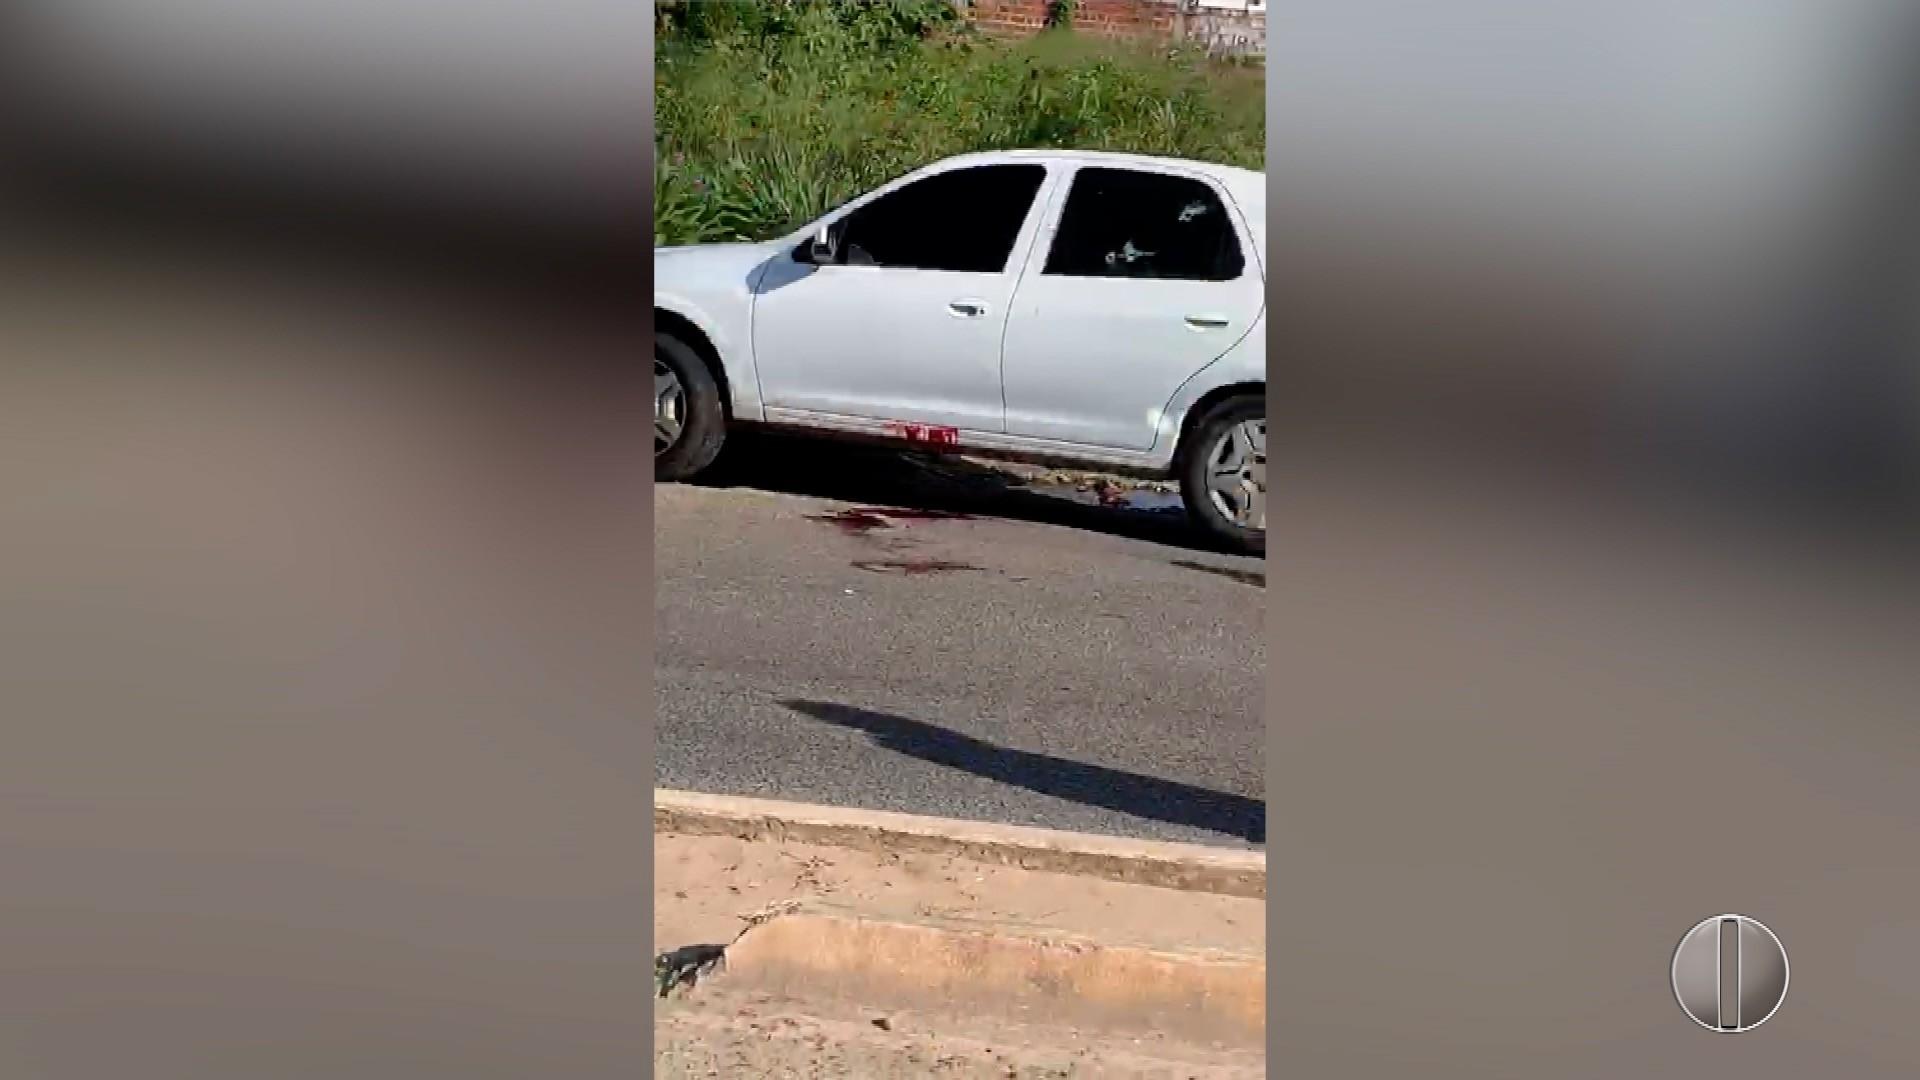 Dupla é morta dentro de carro roubado em confronto com a PM na Zona Norte de Natal - Notícias - Plantão Diário